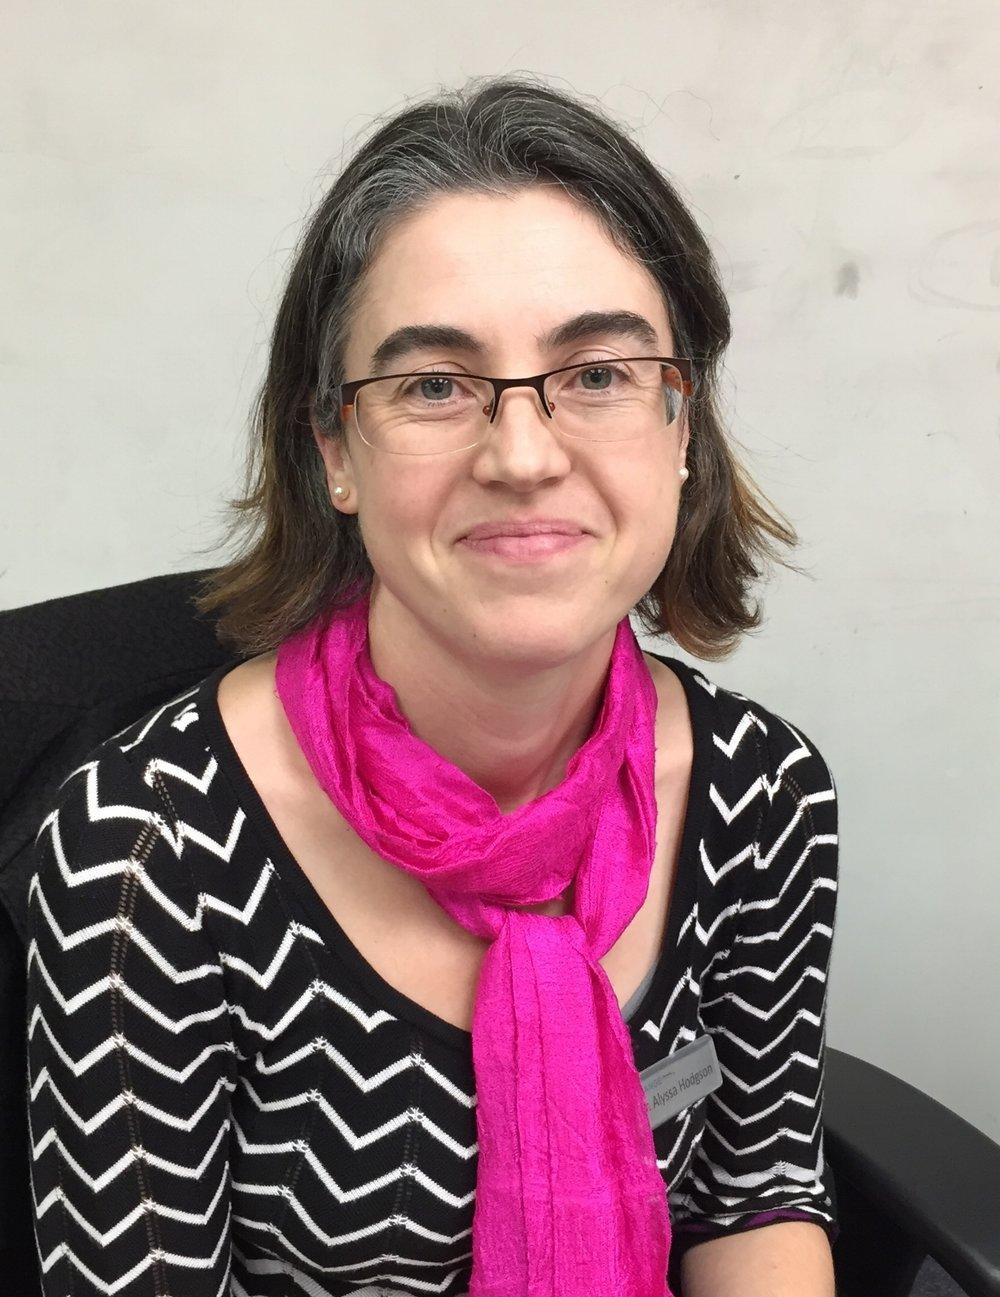 Dr. Alyssa Hodgson